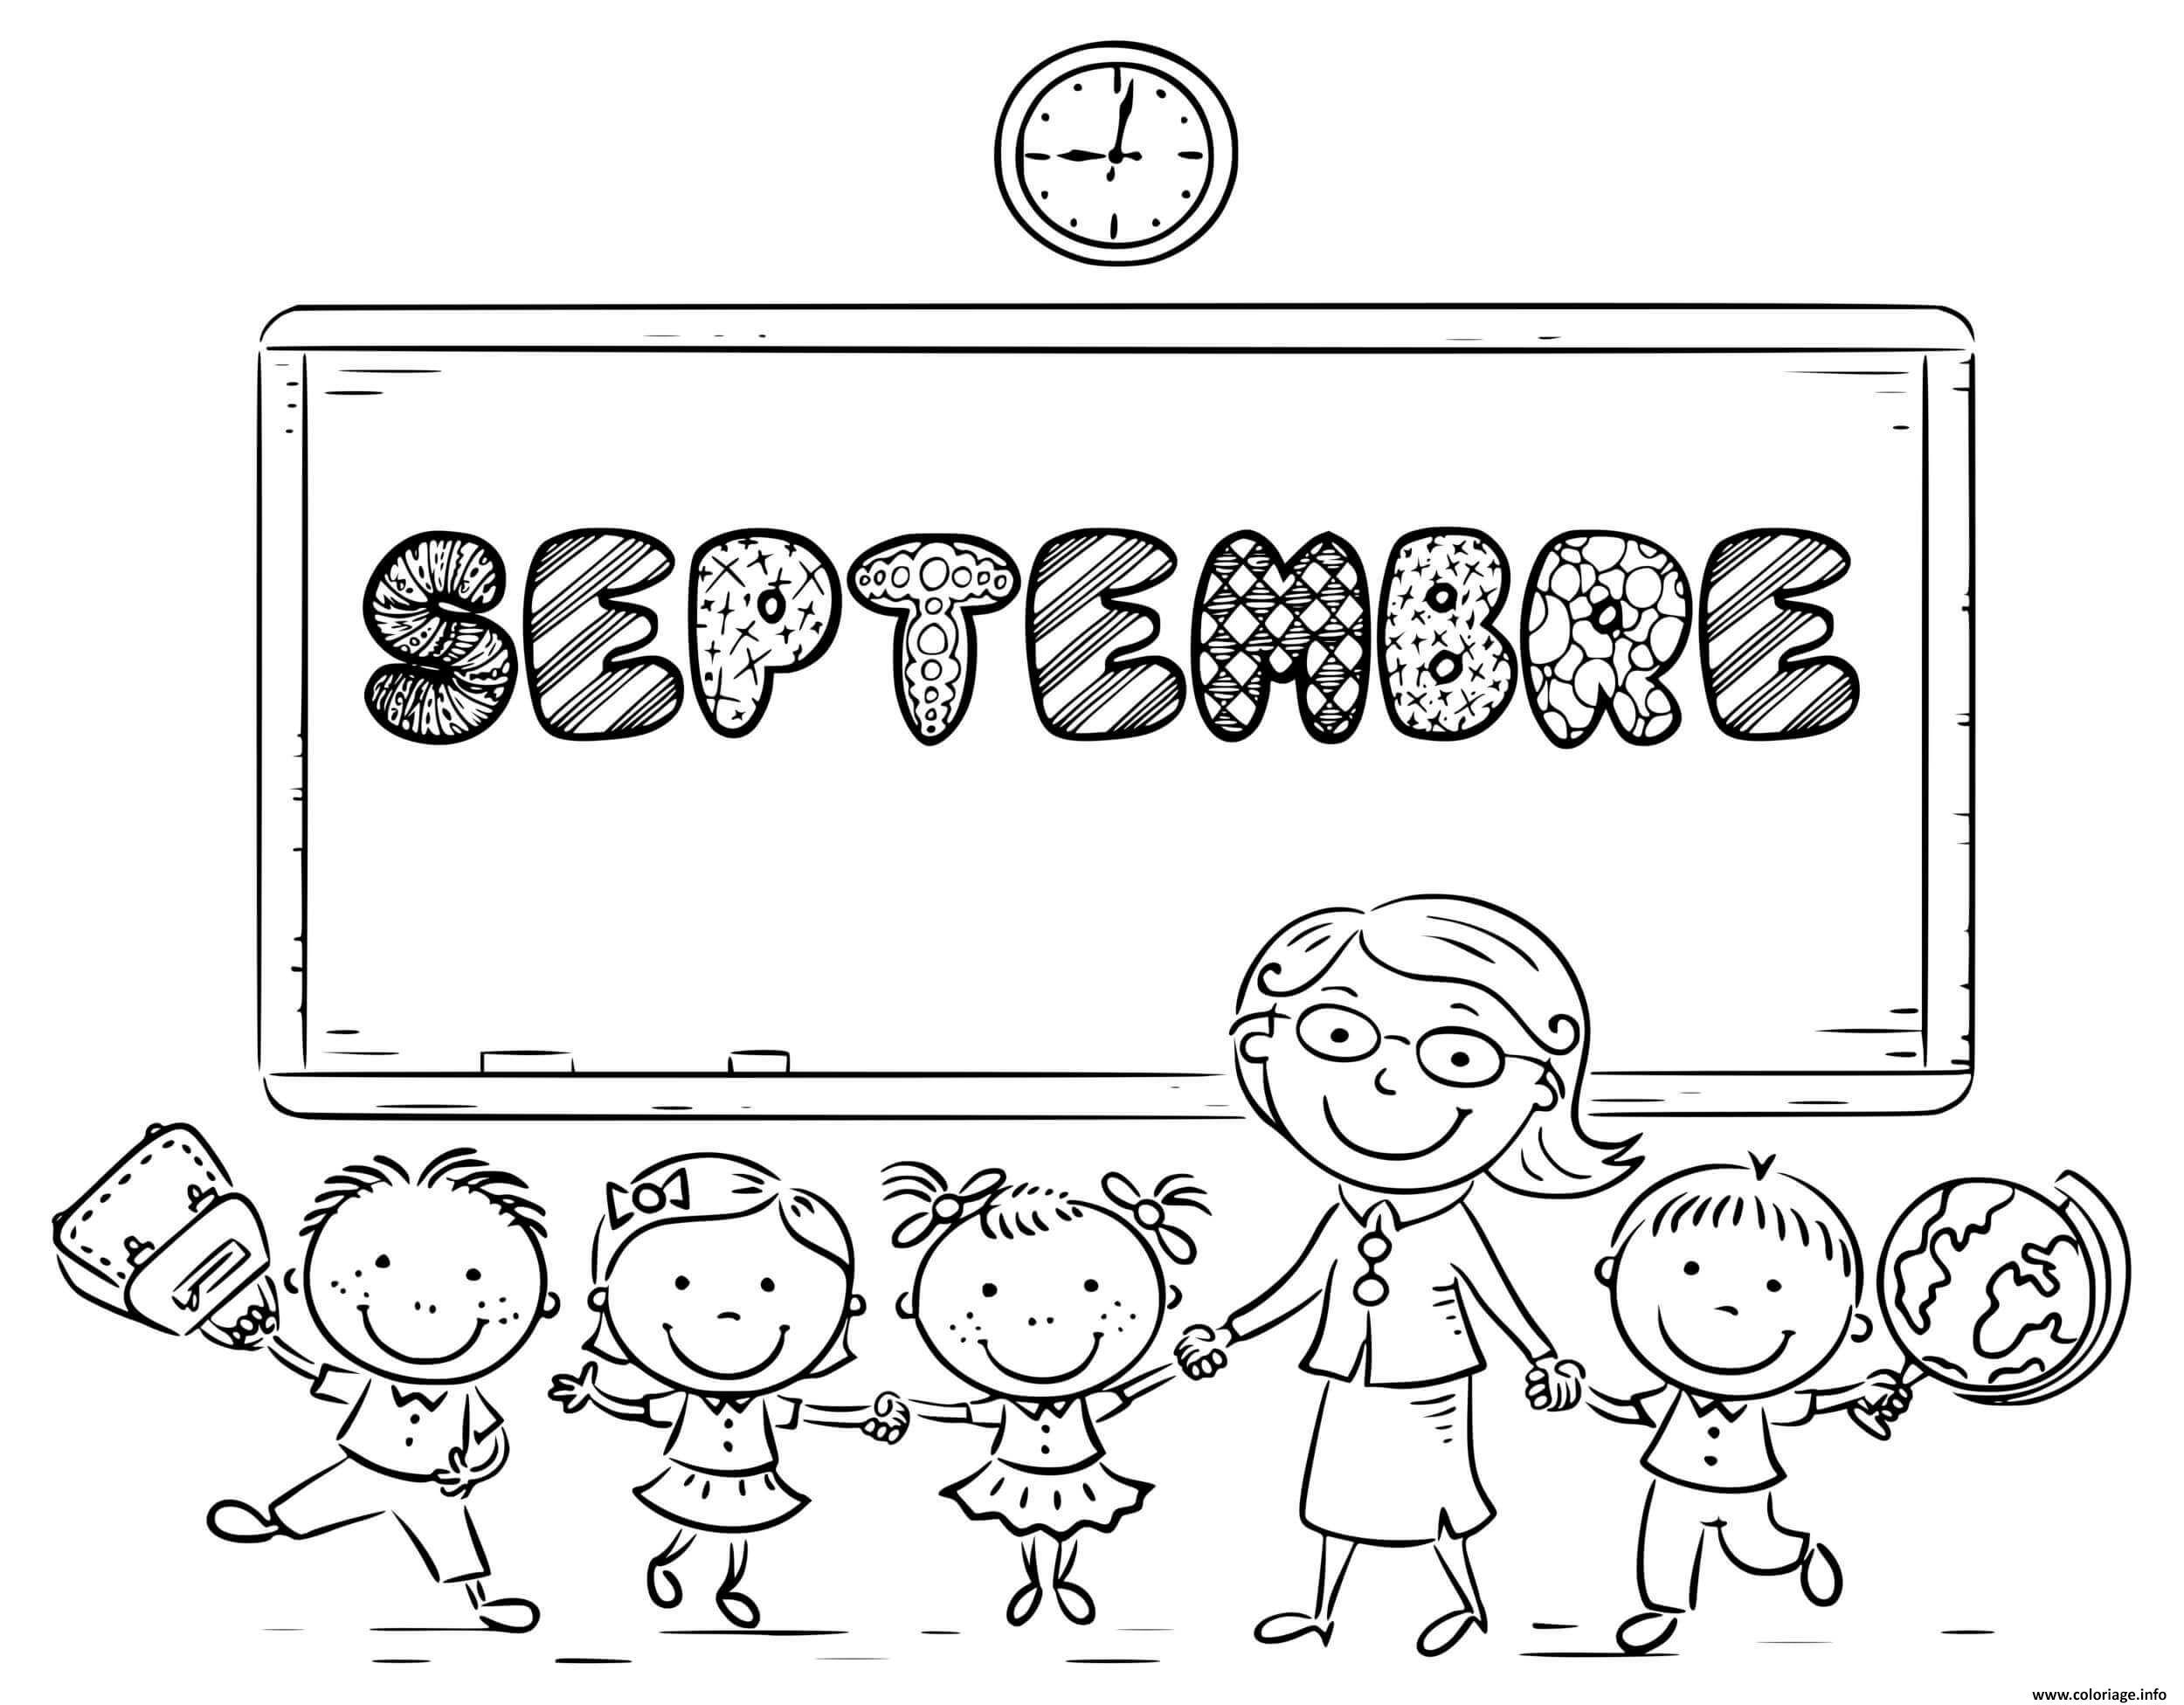 Dessin septembre ecole classe maternelle scolaire Coloriage Gratuit à Imprimer